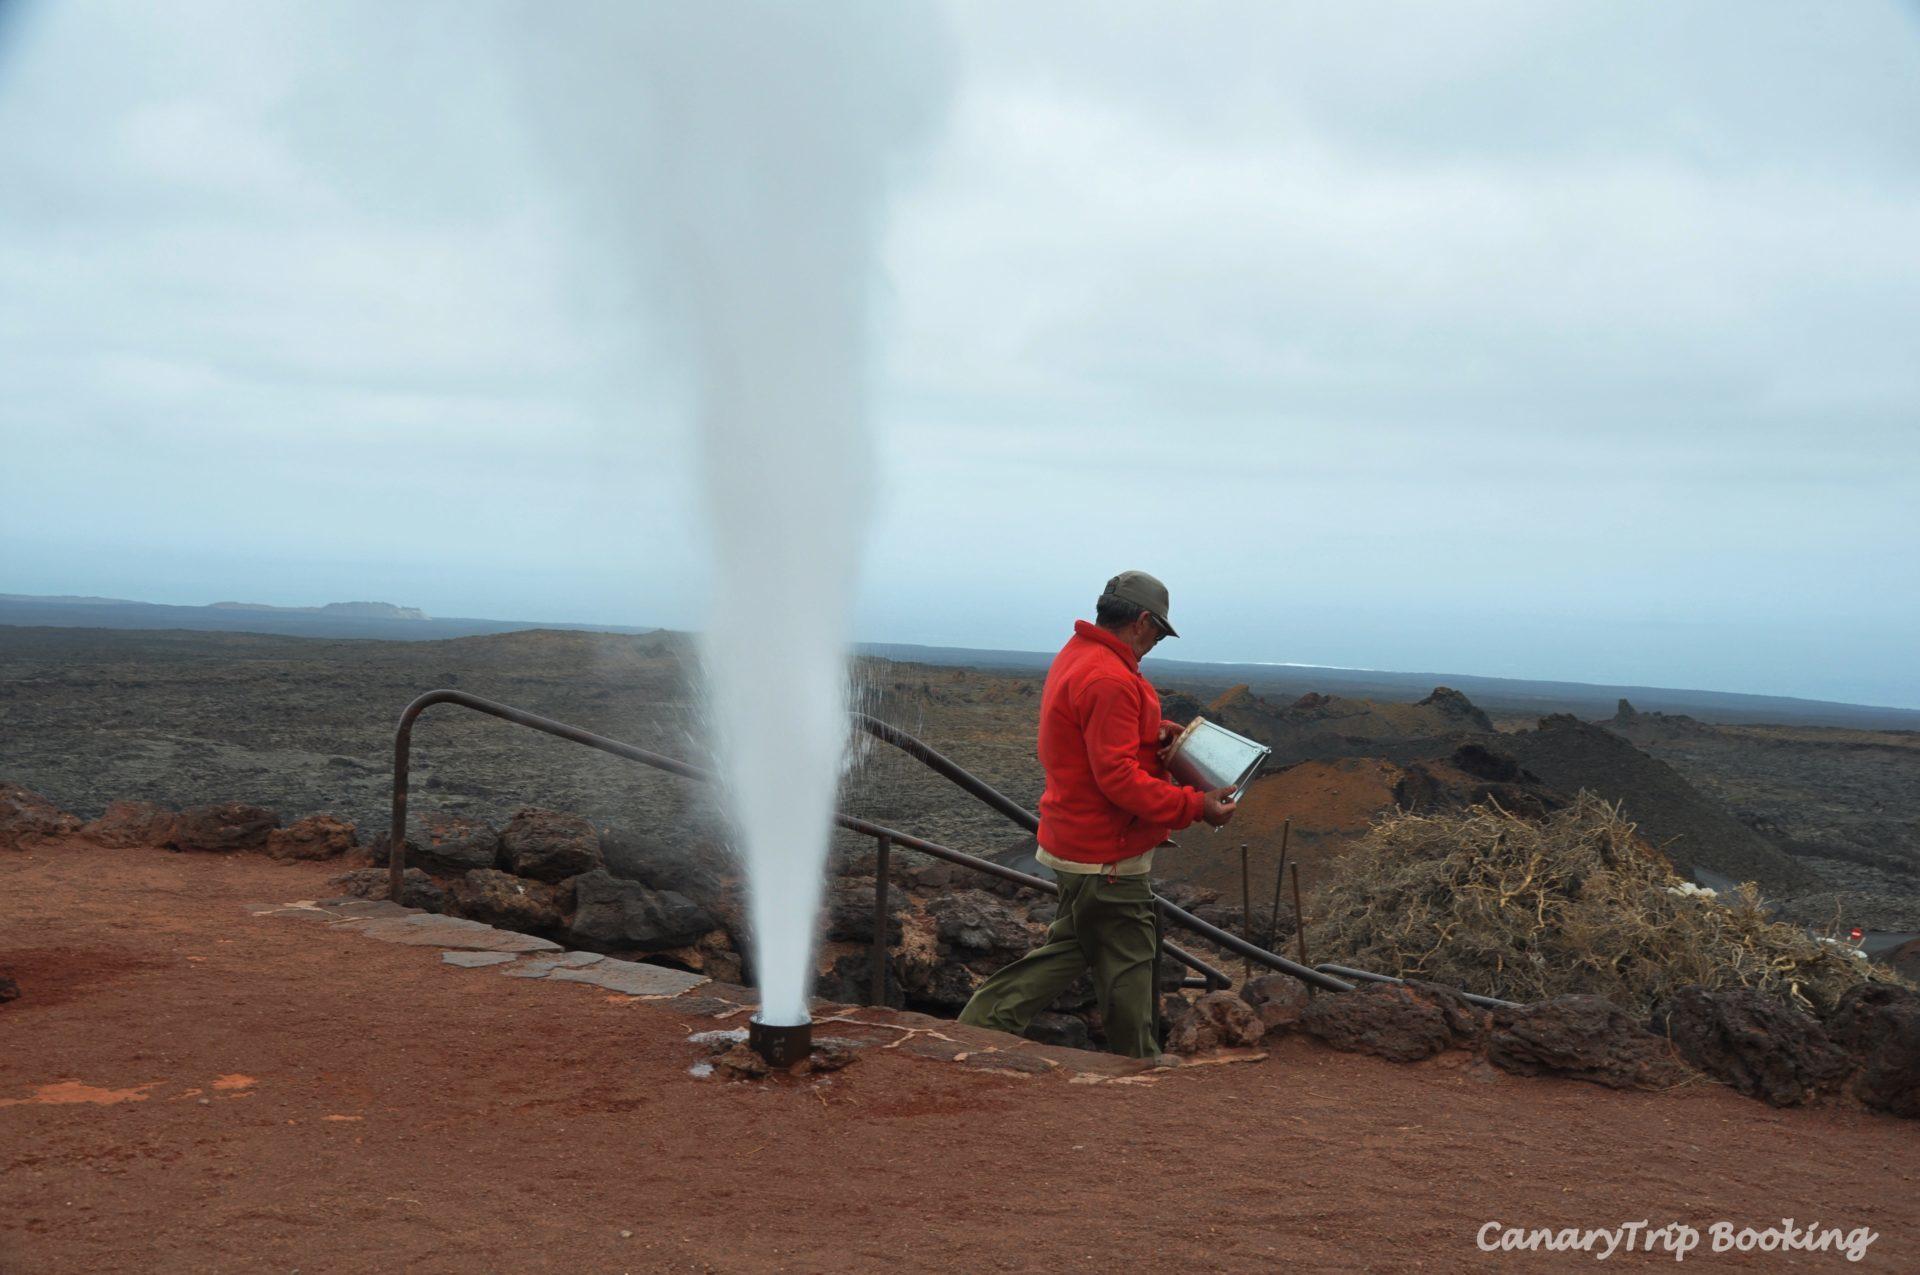 Demostraciones geotérmicas Timanfaya ruta de los volcanes